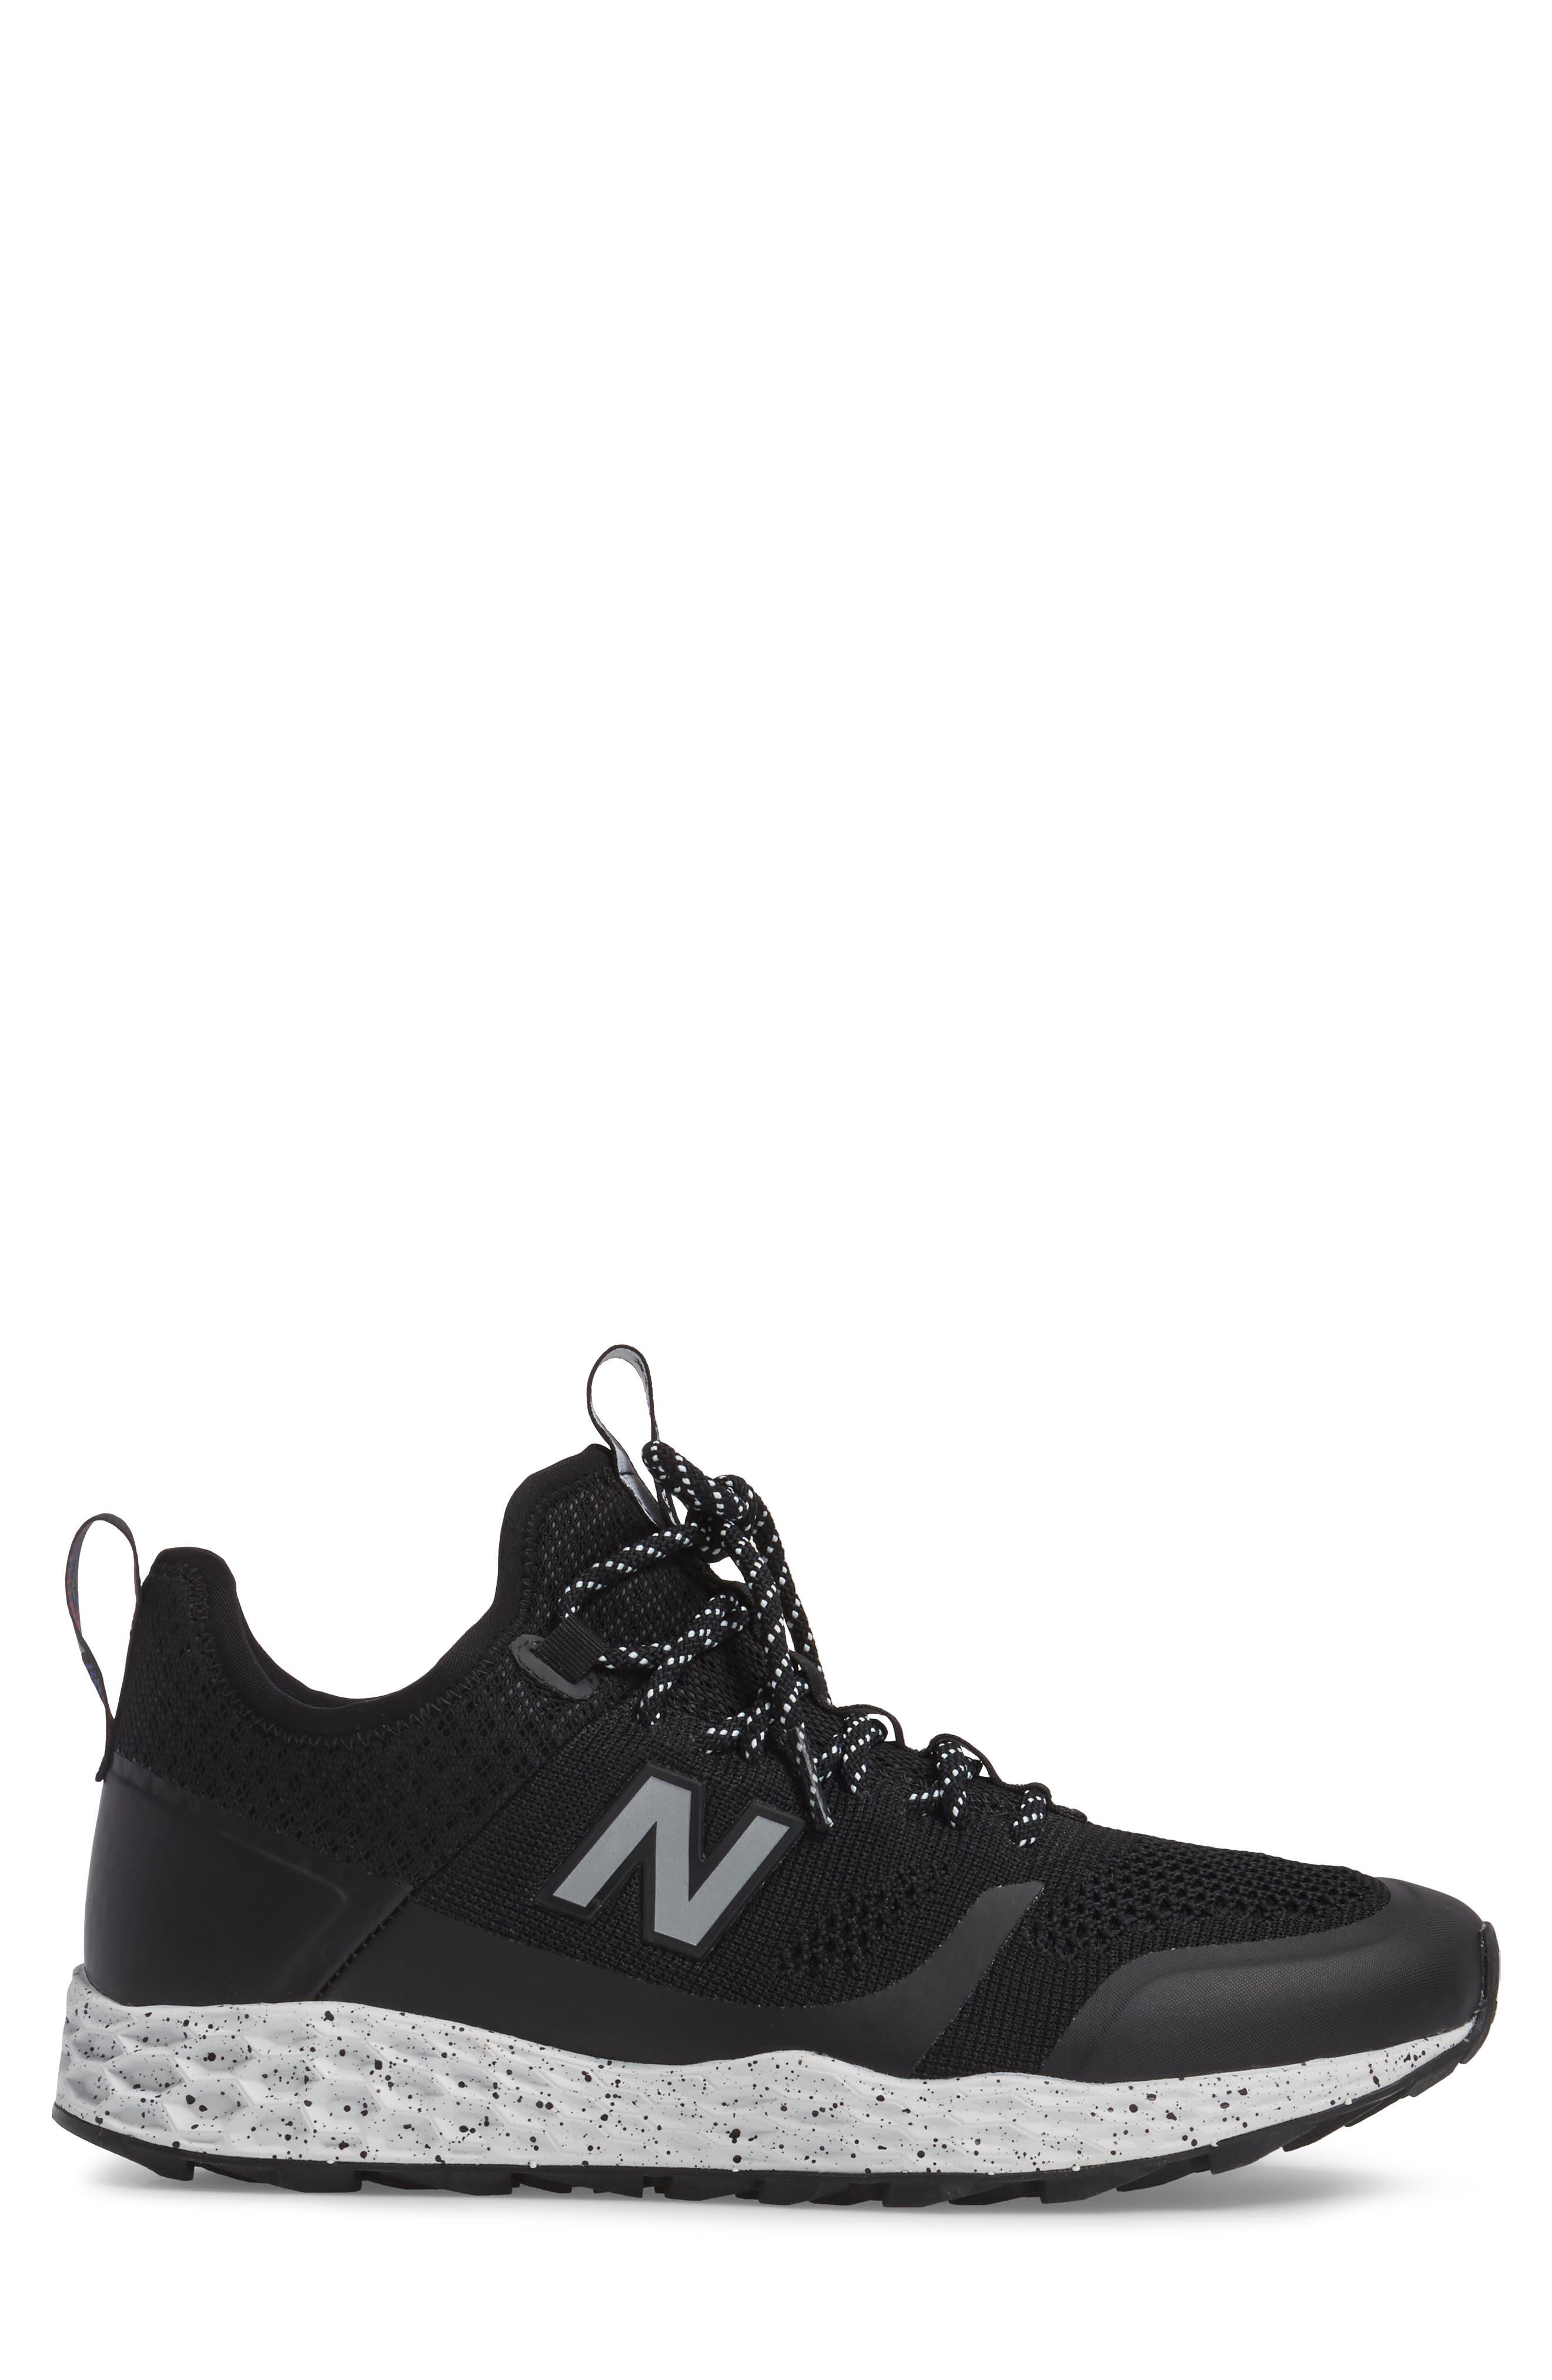 Alternate Image 3  - New Balance Fresh Foam Trailbuster Sneaker (Men)